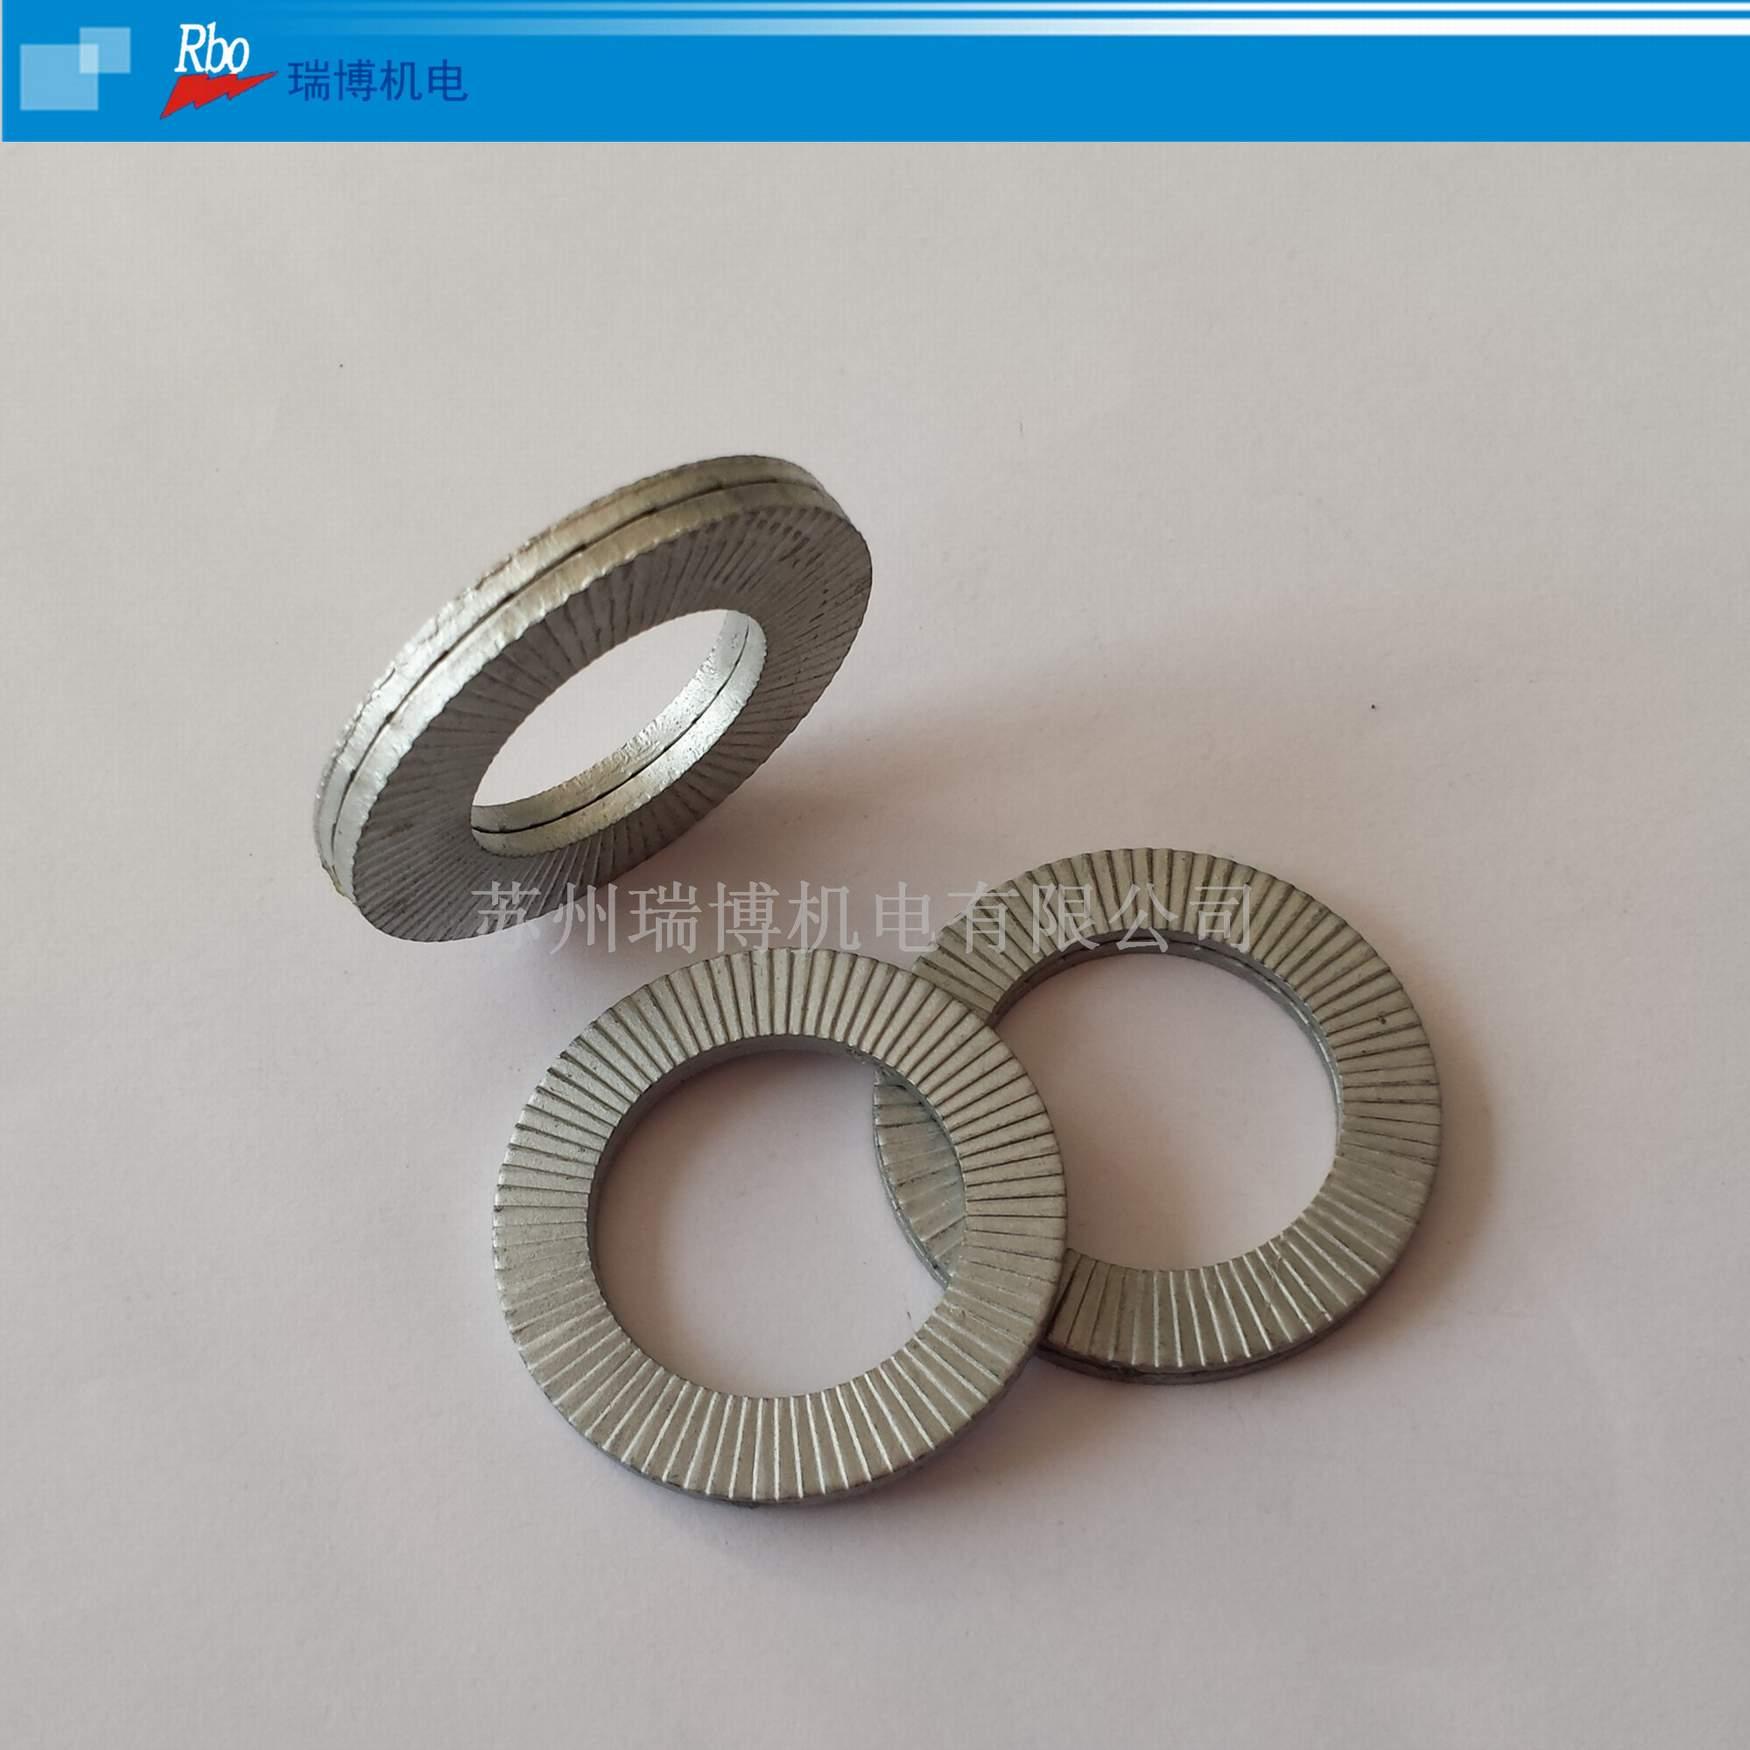 标准双面印花止退垫 双齿碟型垫圈DIN25201双叠自锁垫圈